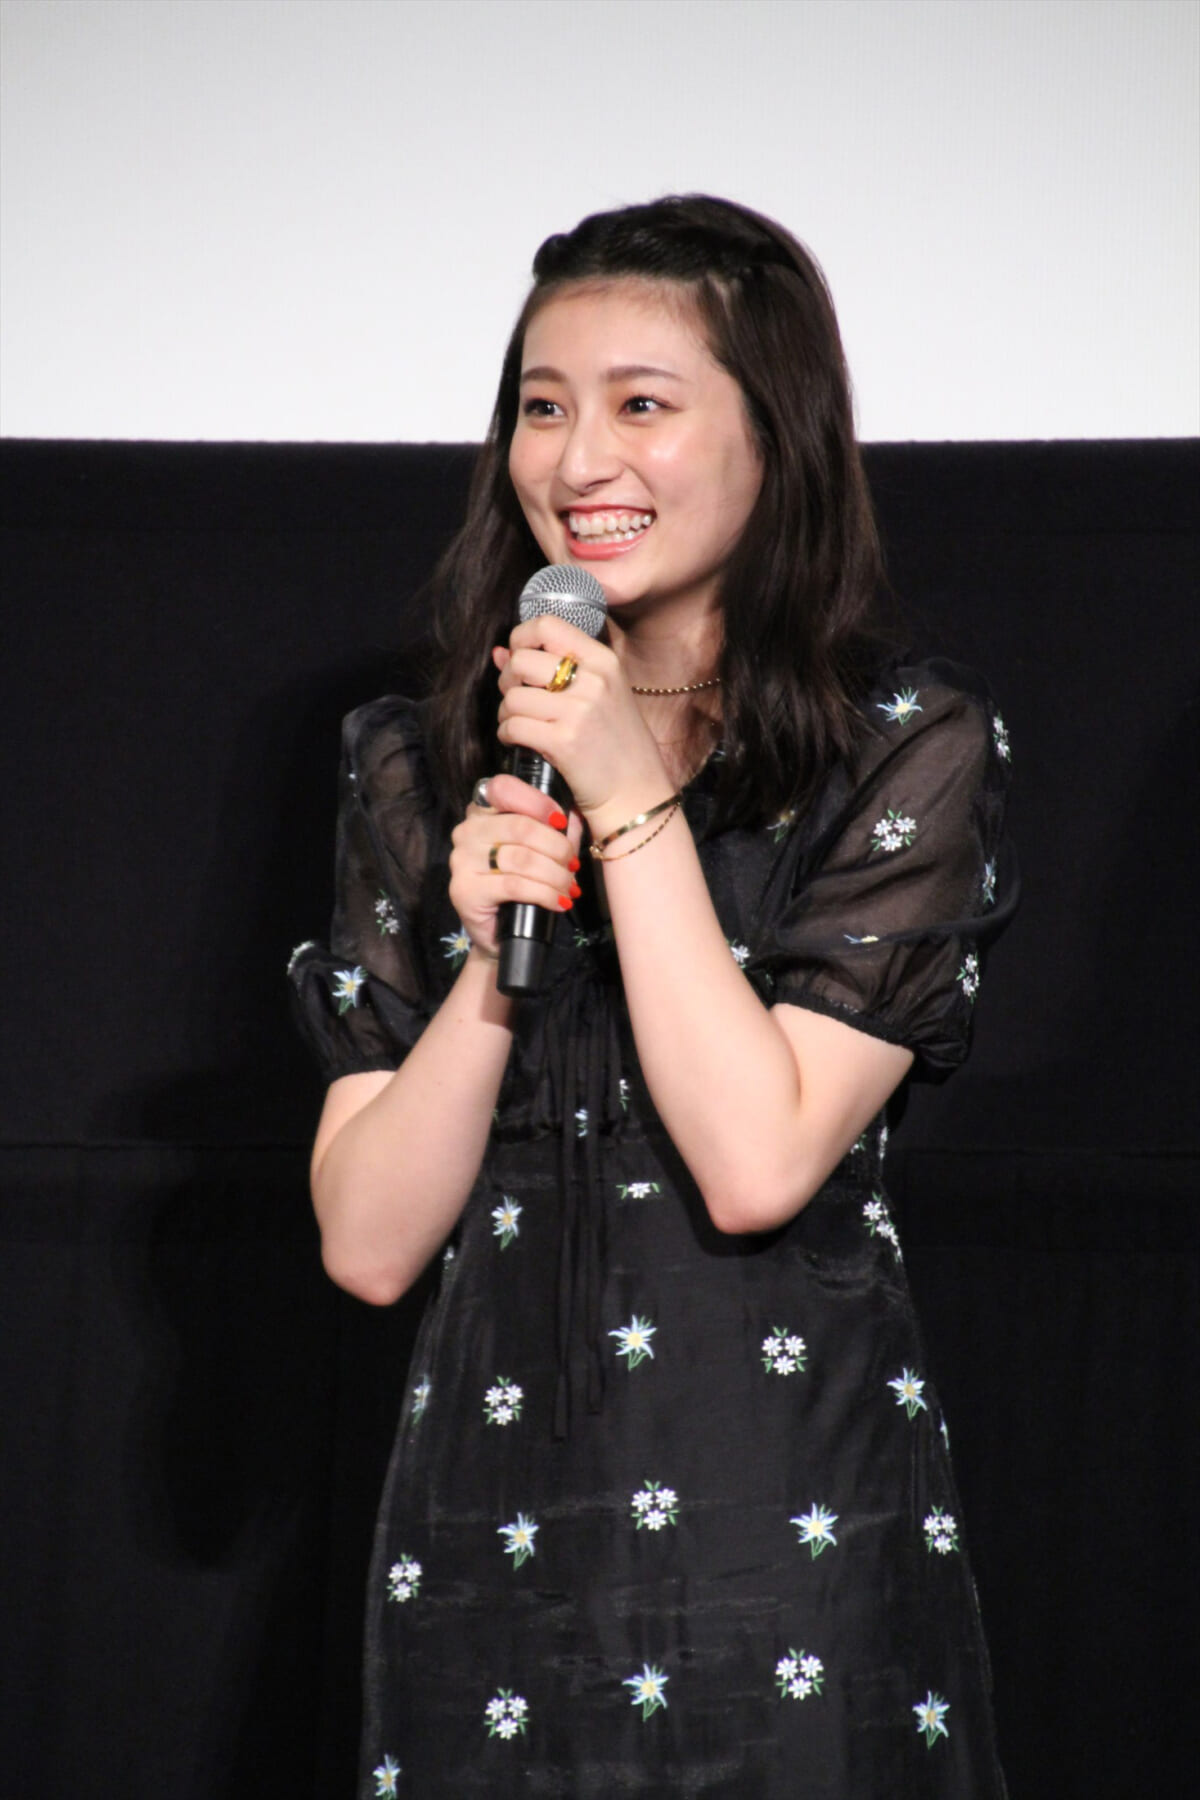 映画「ハニーレモンソーダ」大ヒット御礼舞台挨拶